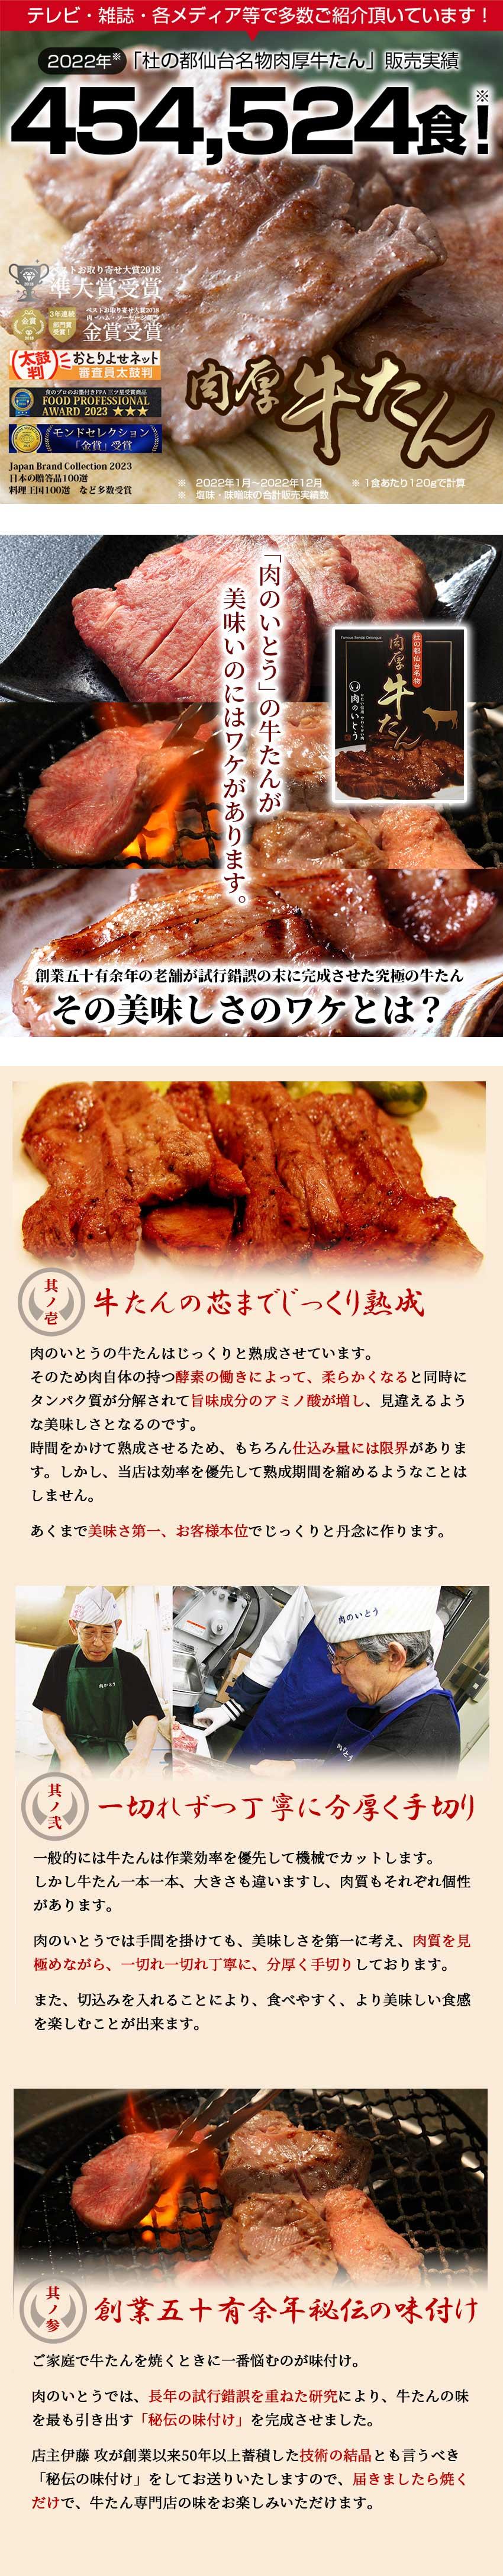 「杜の都仙台名物肉厚牛たん」販売実績189,456食